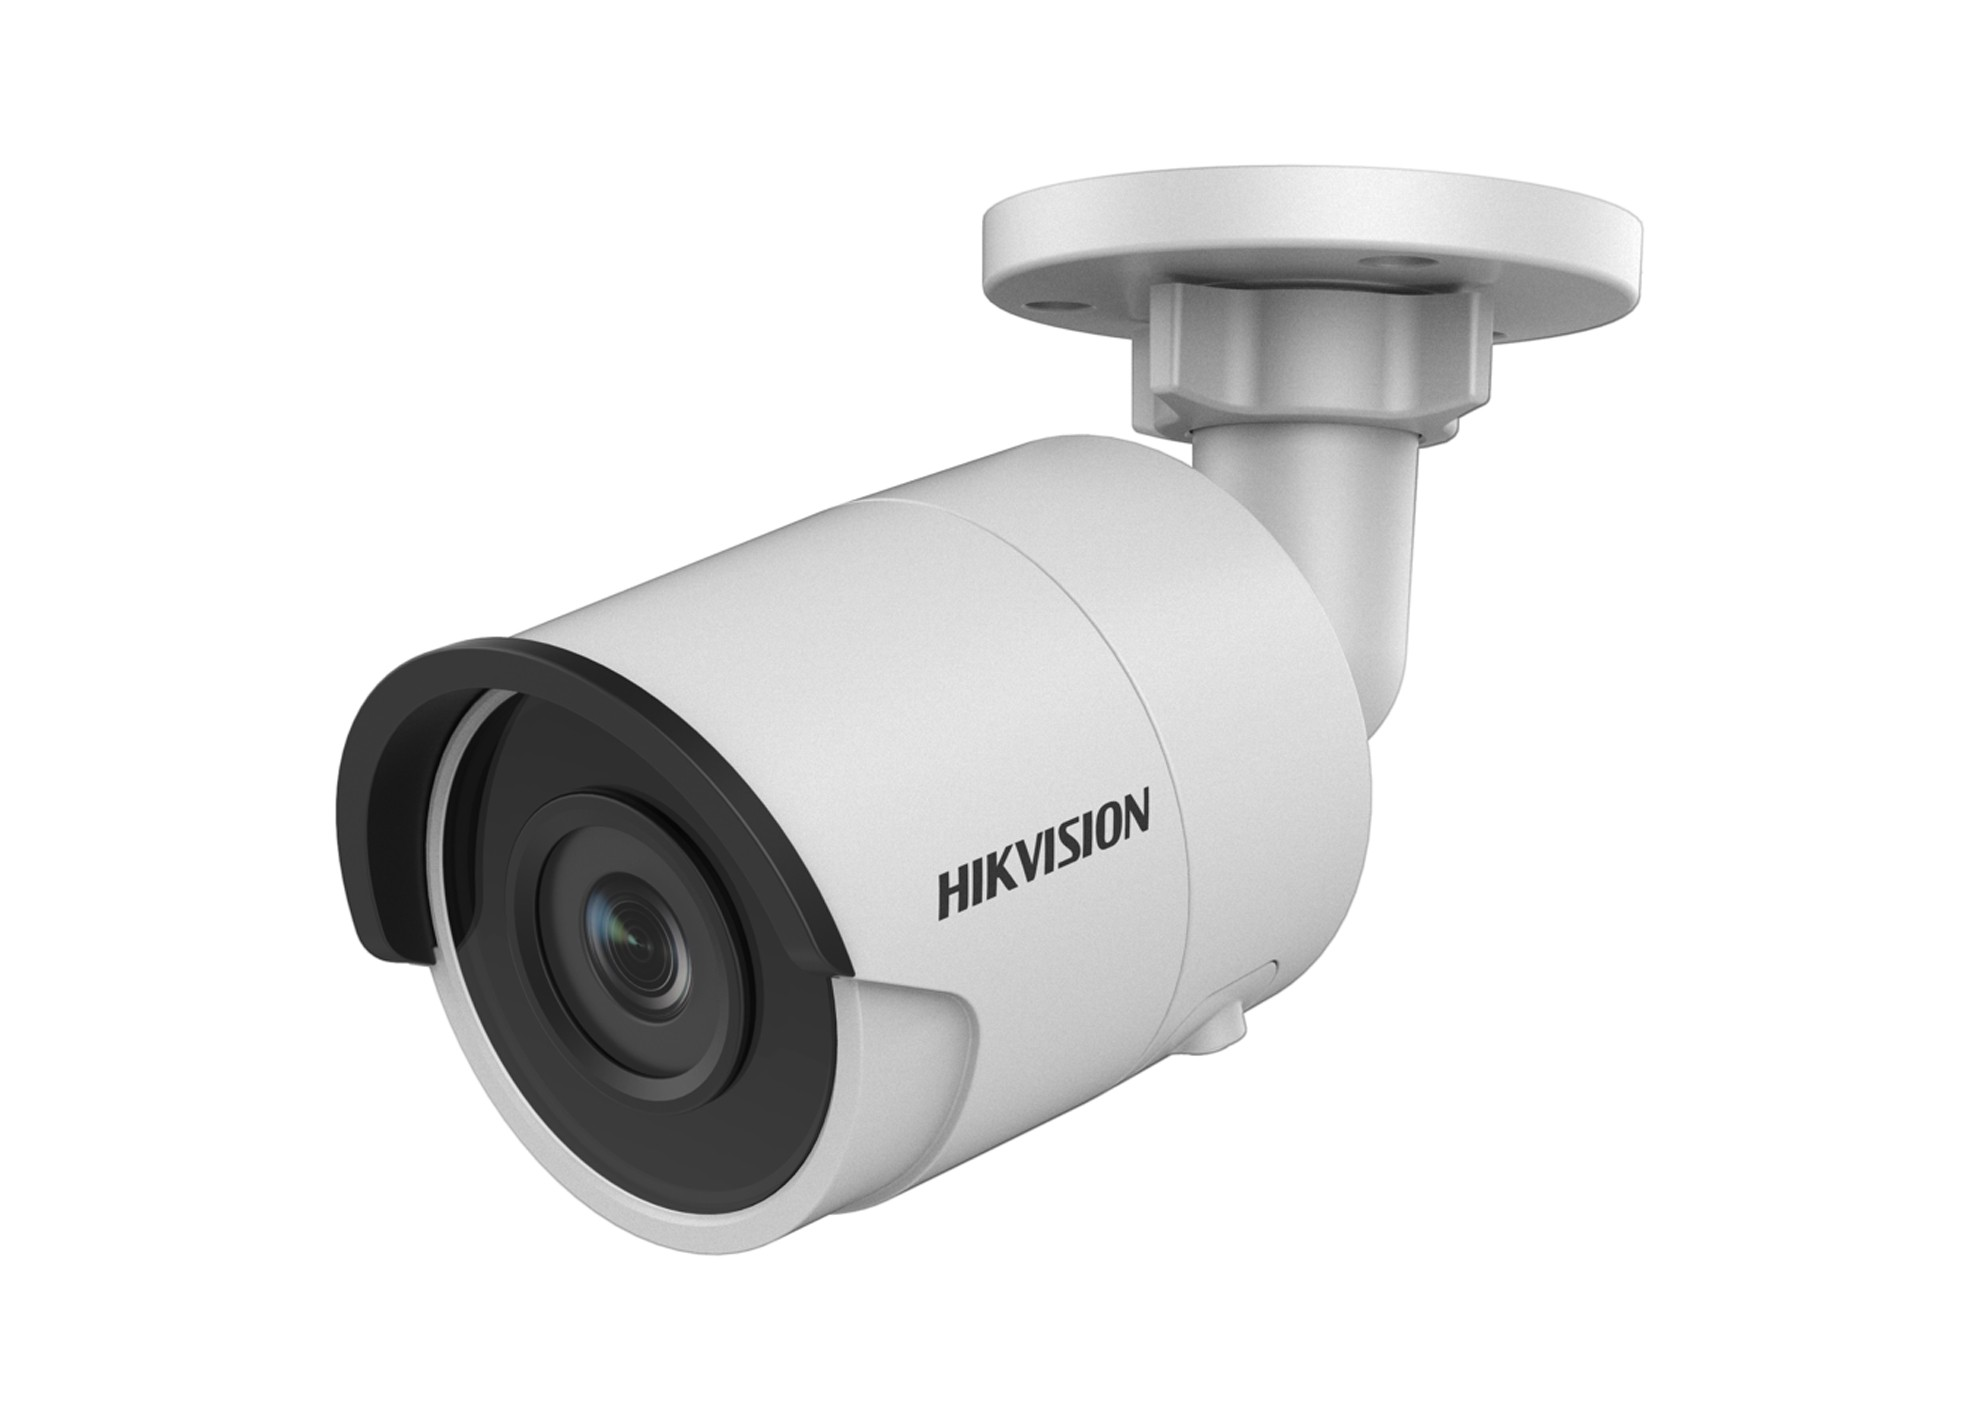 Kamera DS-2CD2043G0-I(2.8mm) rč.001G